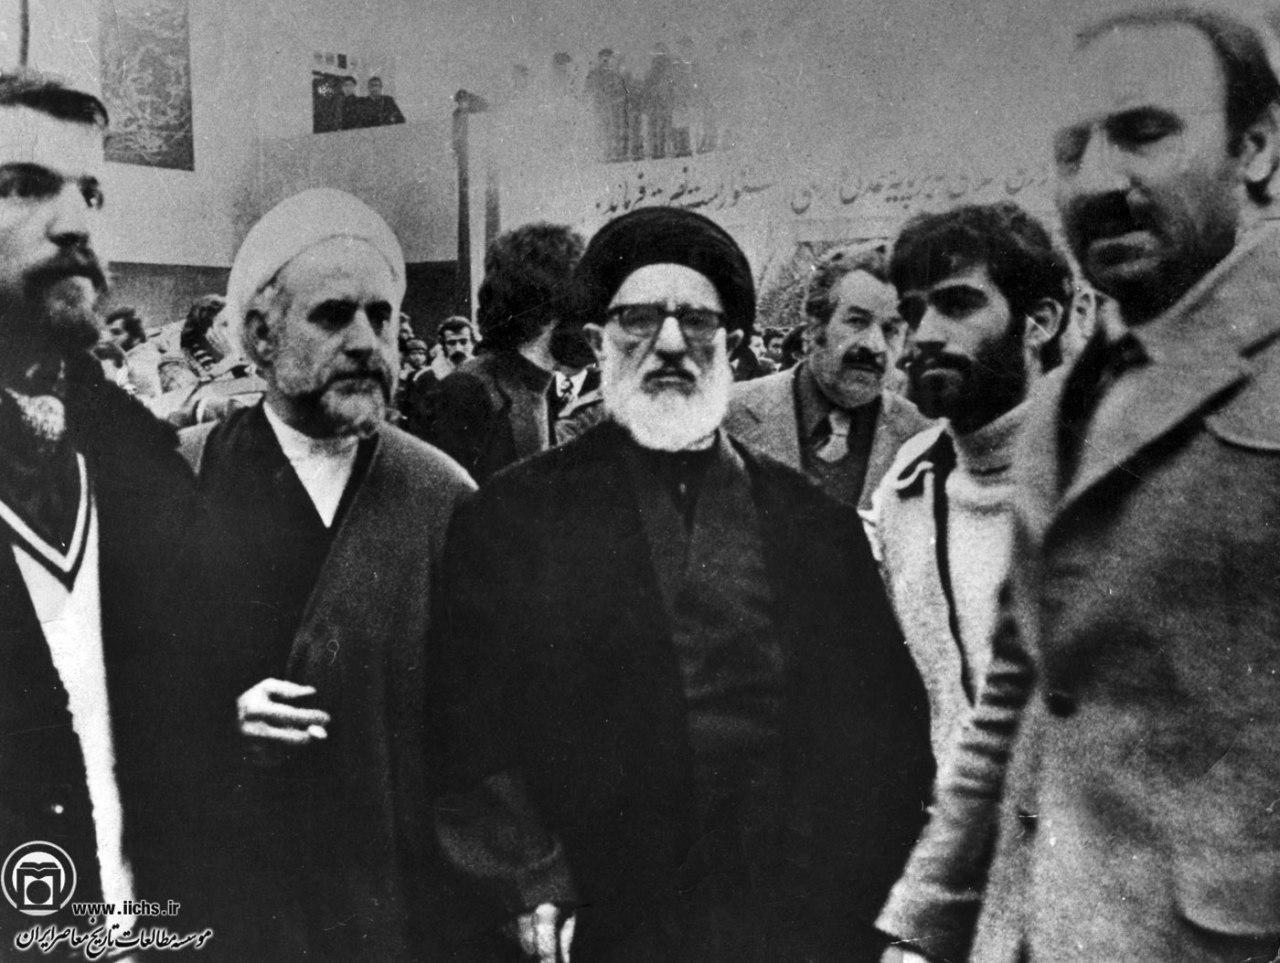 12 بهمن/دیو چو بیرون رود فرشته درآید +فیلم و تصاویر